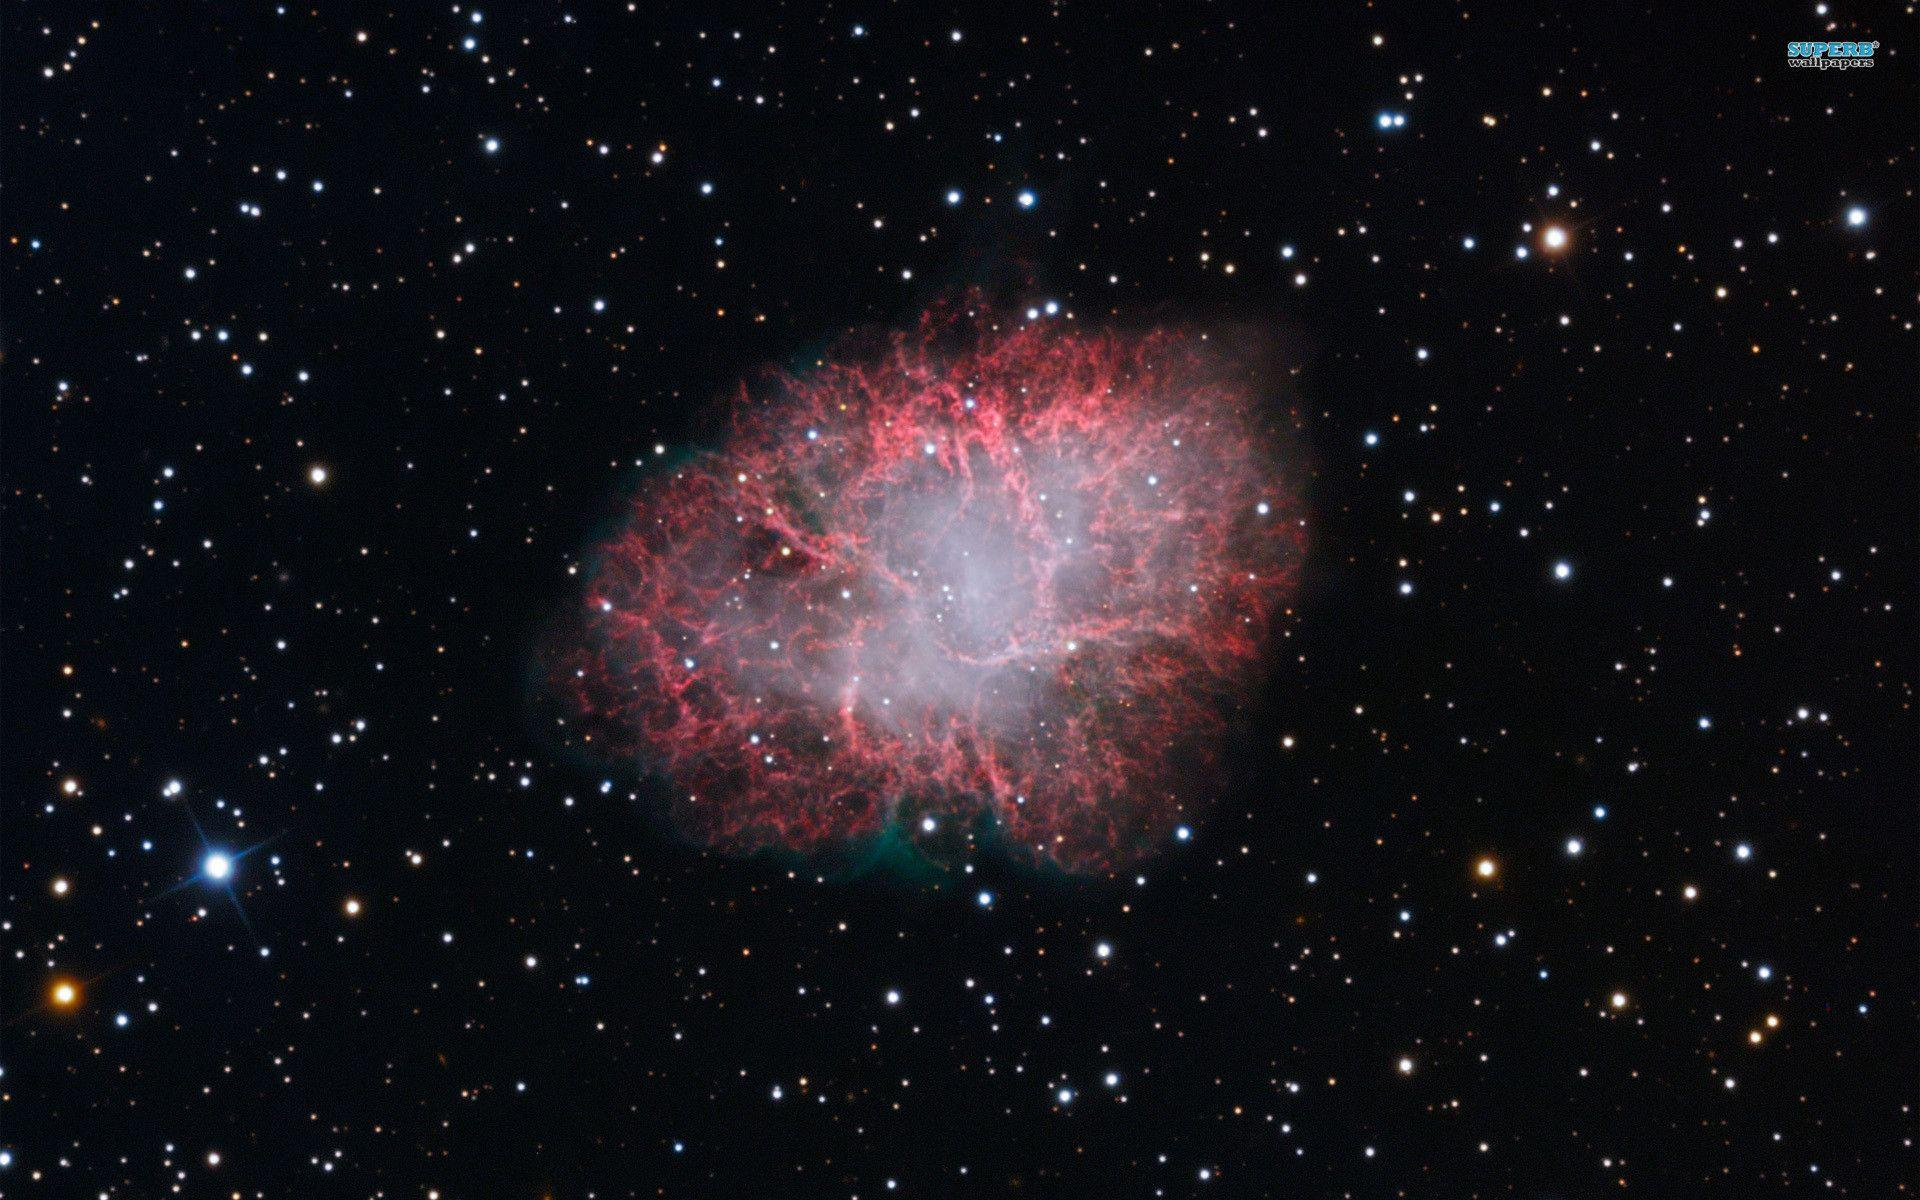 hubble crab nebula wallpaper - photo #24